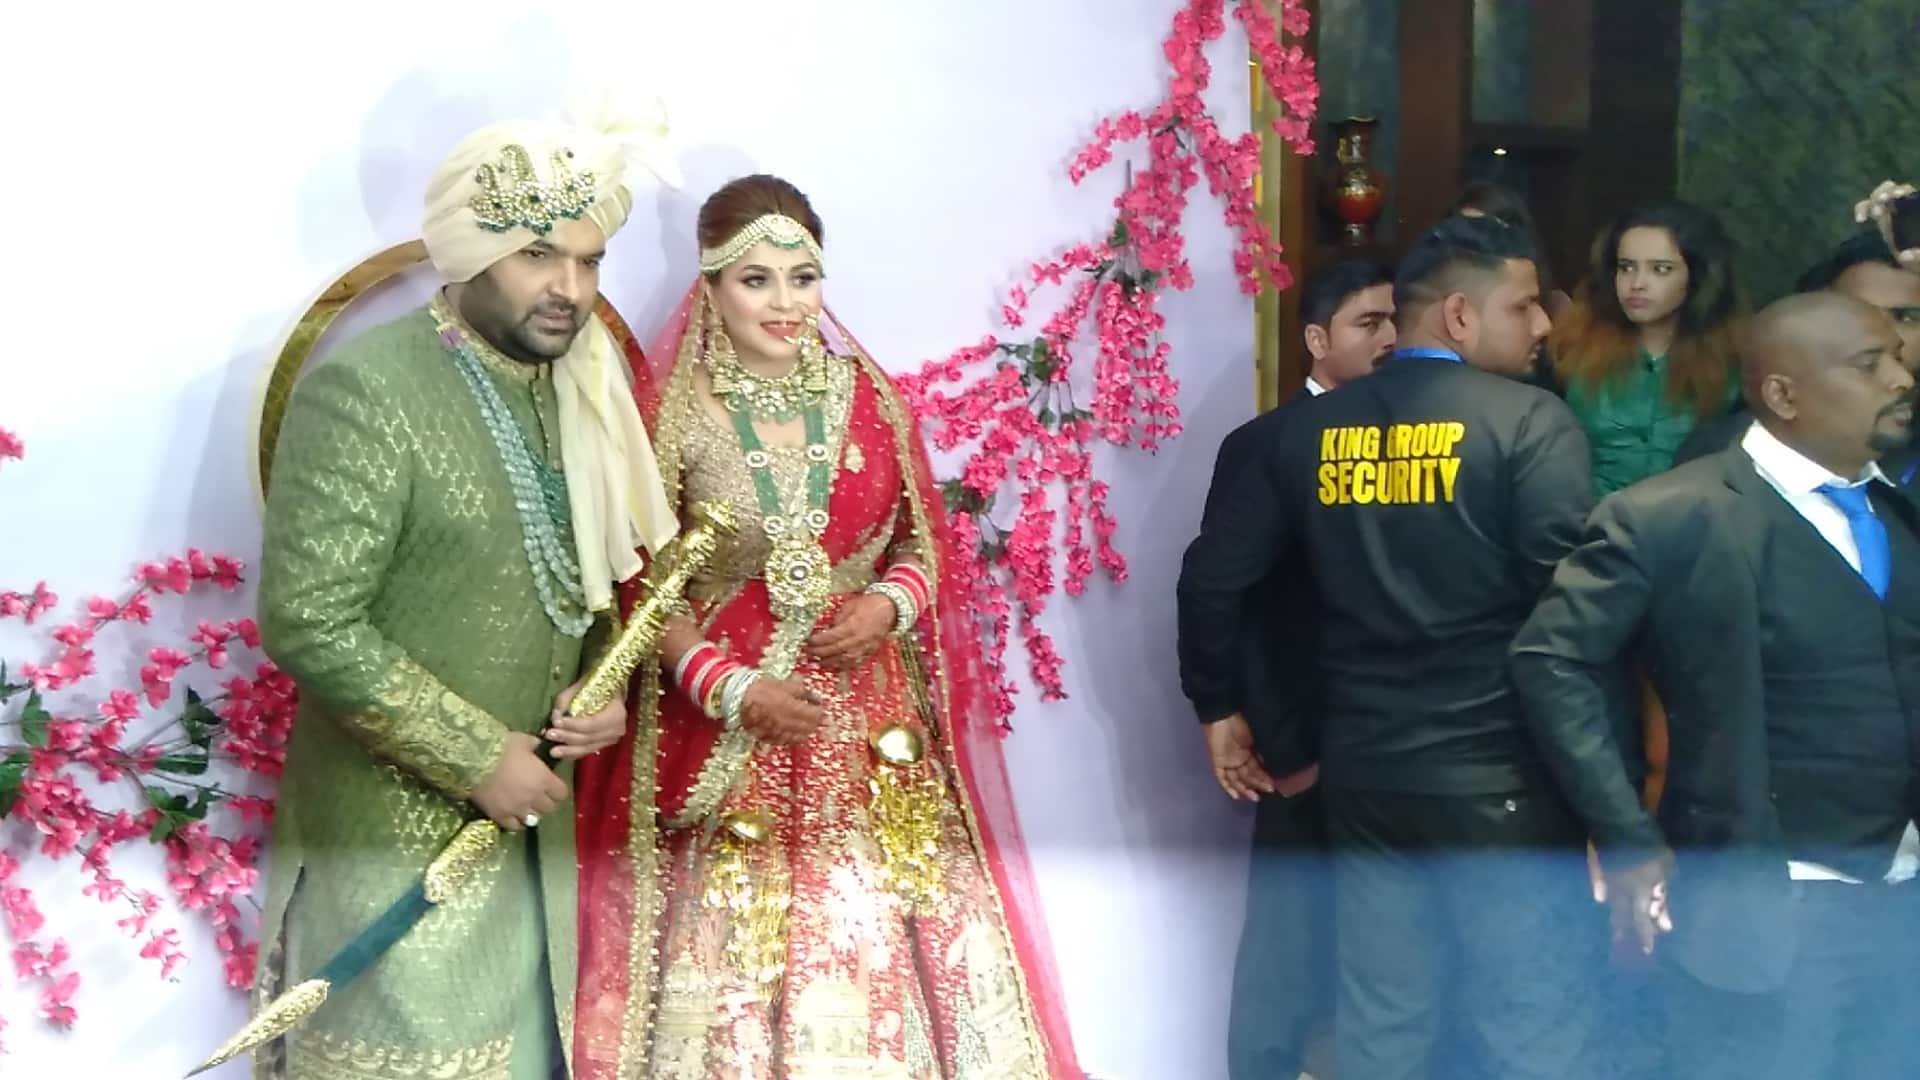 PunjabKesari, कपिल शर्मा इमेज, गिन्नी चतरथ इमेज,शादी